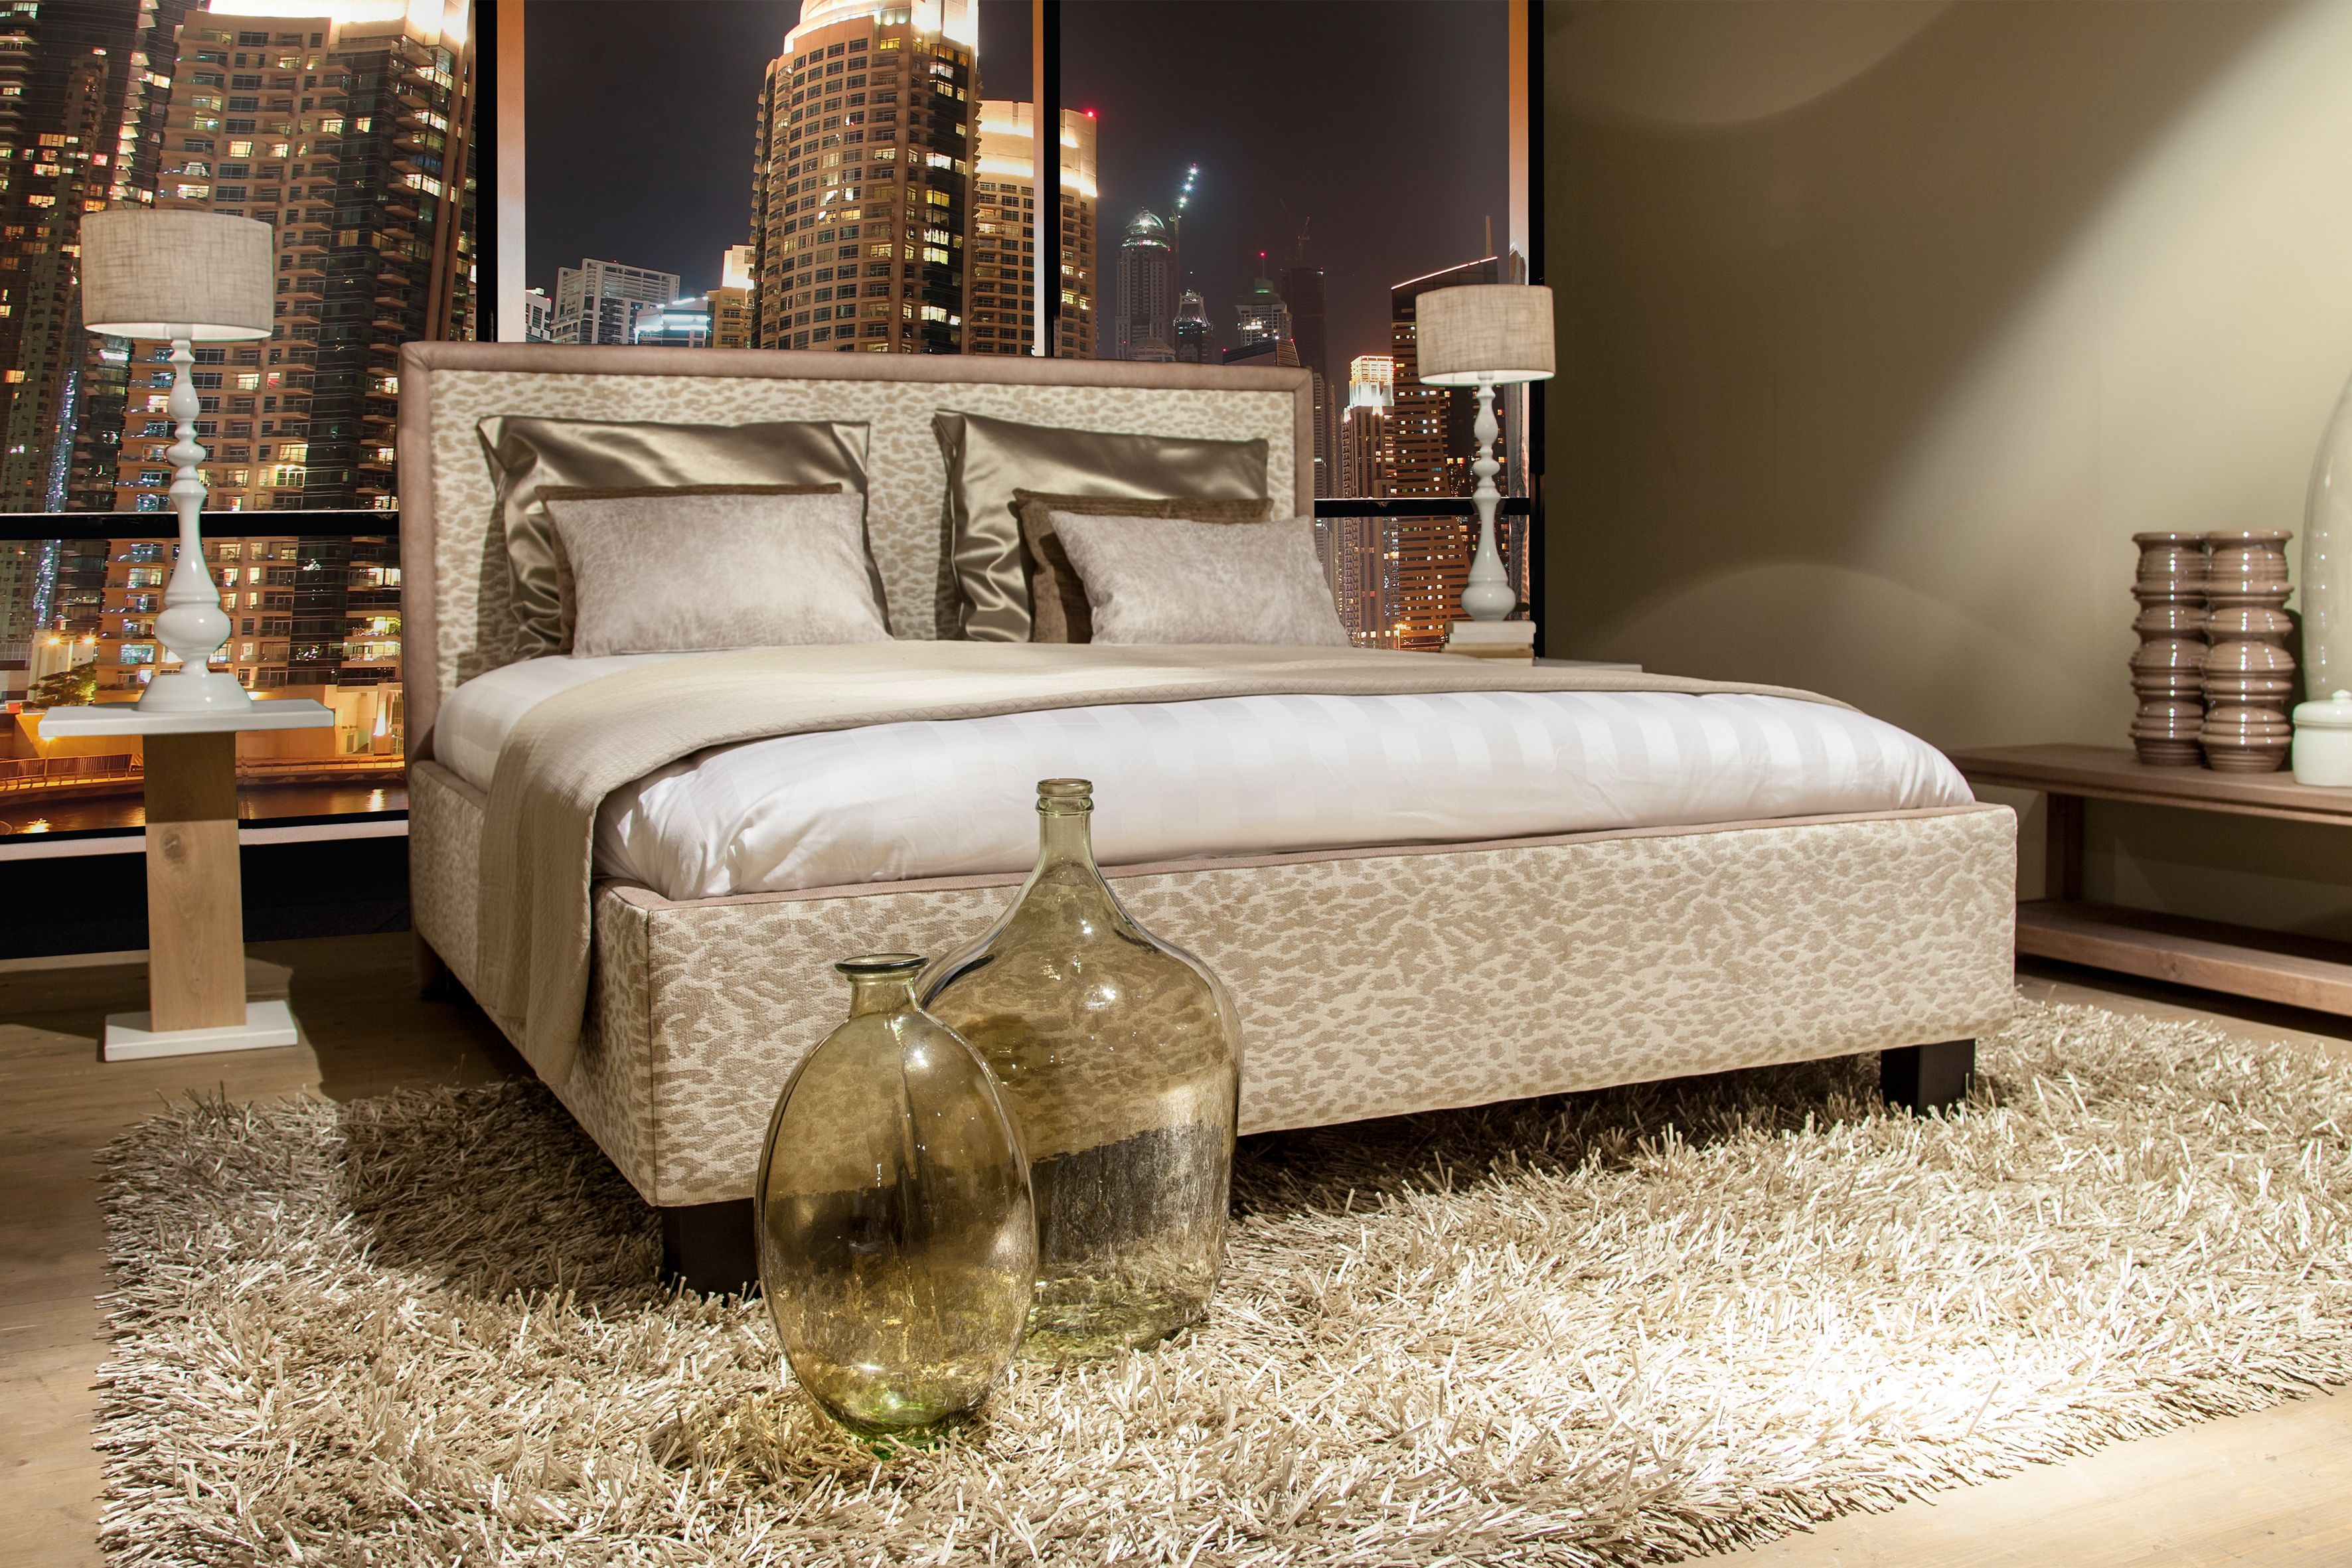 Meubitrend oss slaapkamer design shutter bedden meubitrend